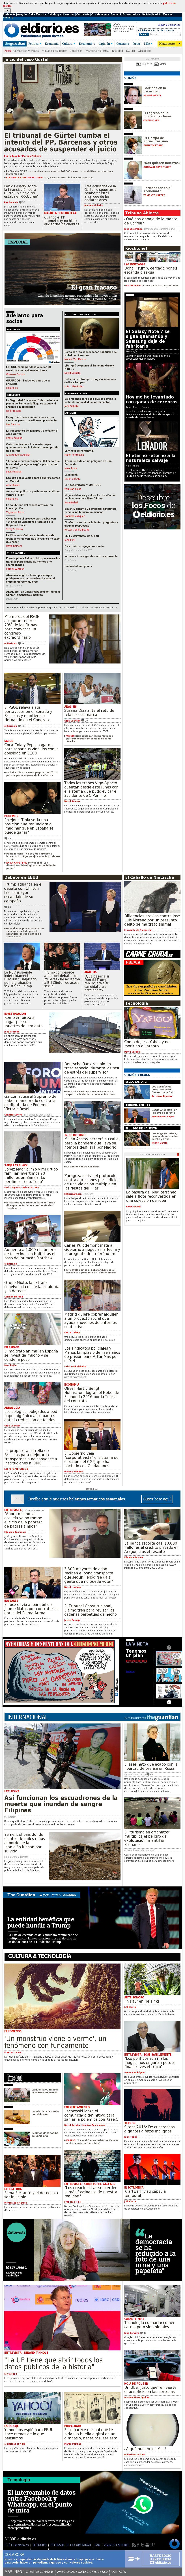 El Diario at Monday Oct. 10, 2016, 9:03 p.m. UTC